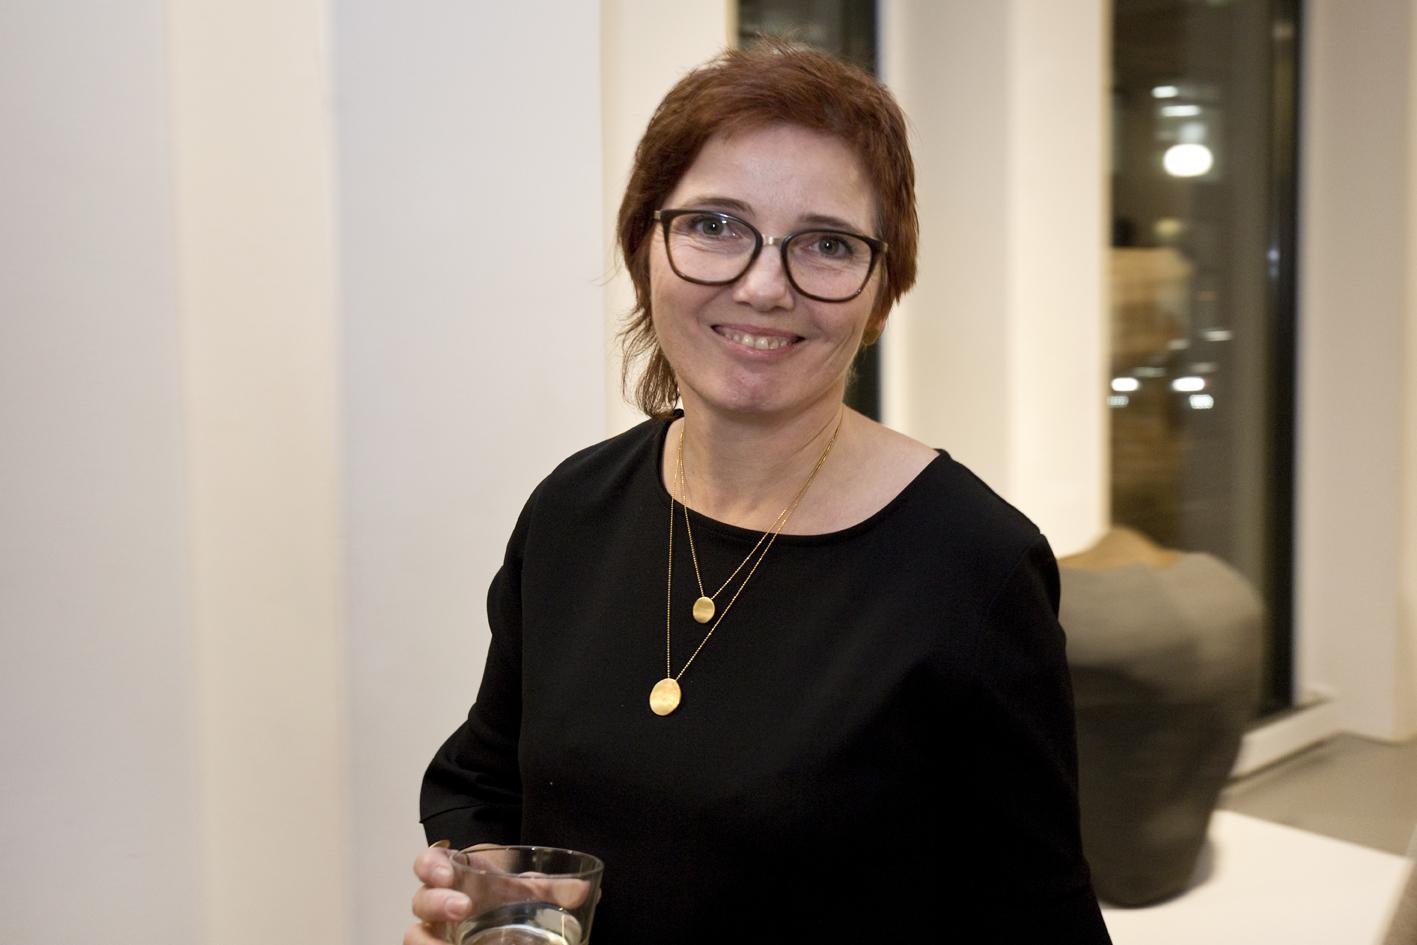 Designer Merete Mattson